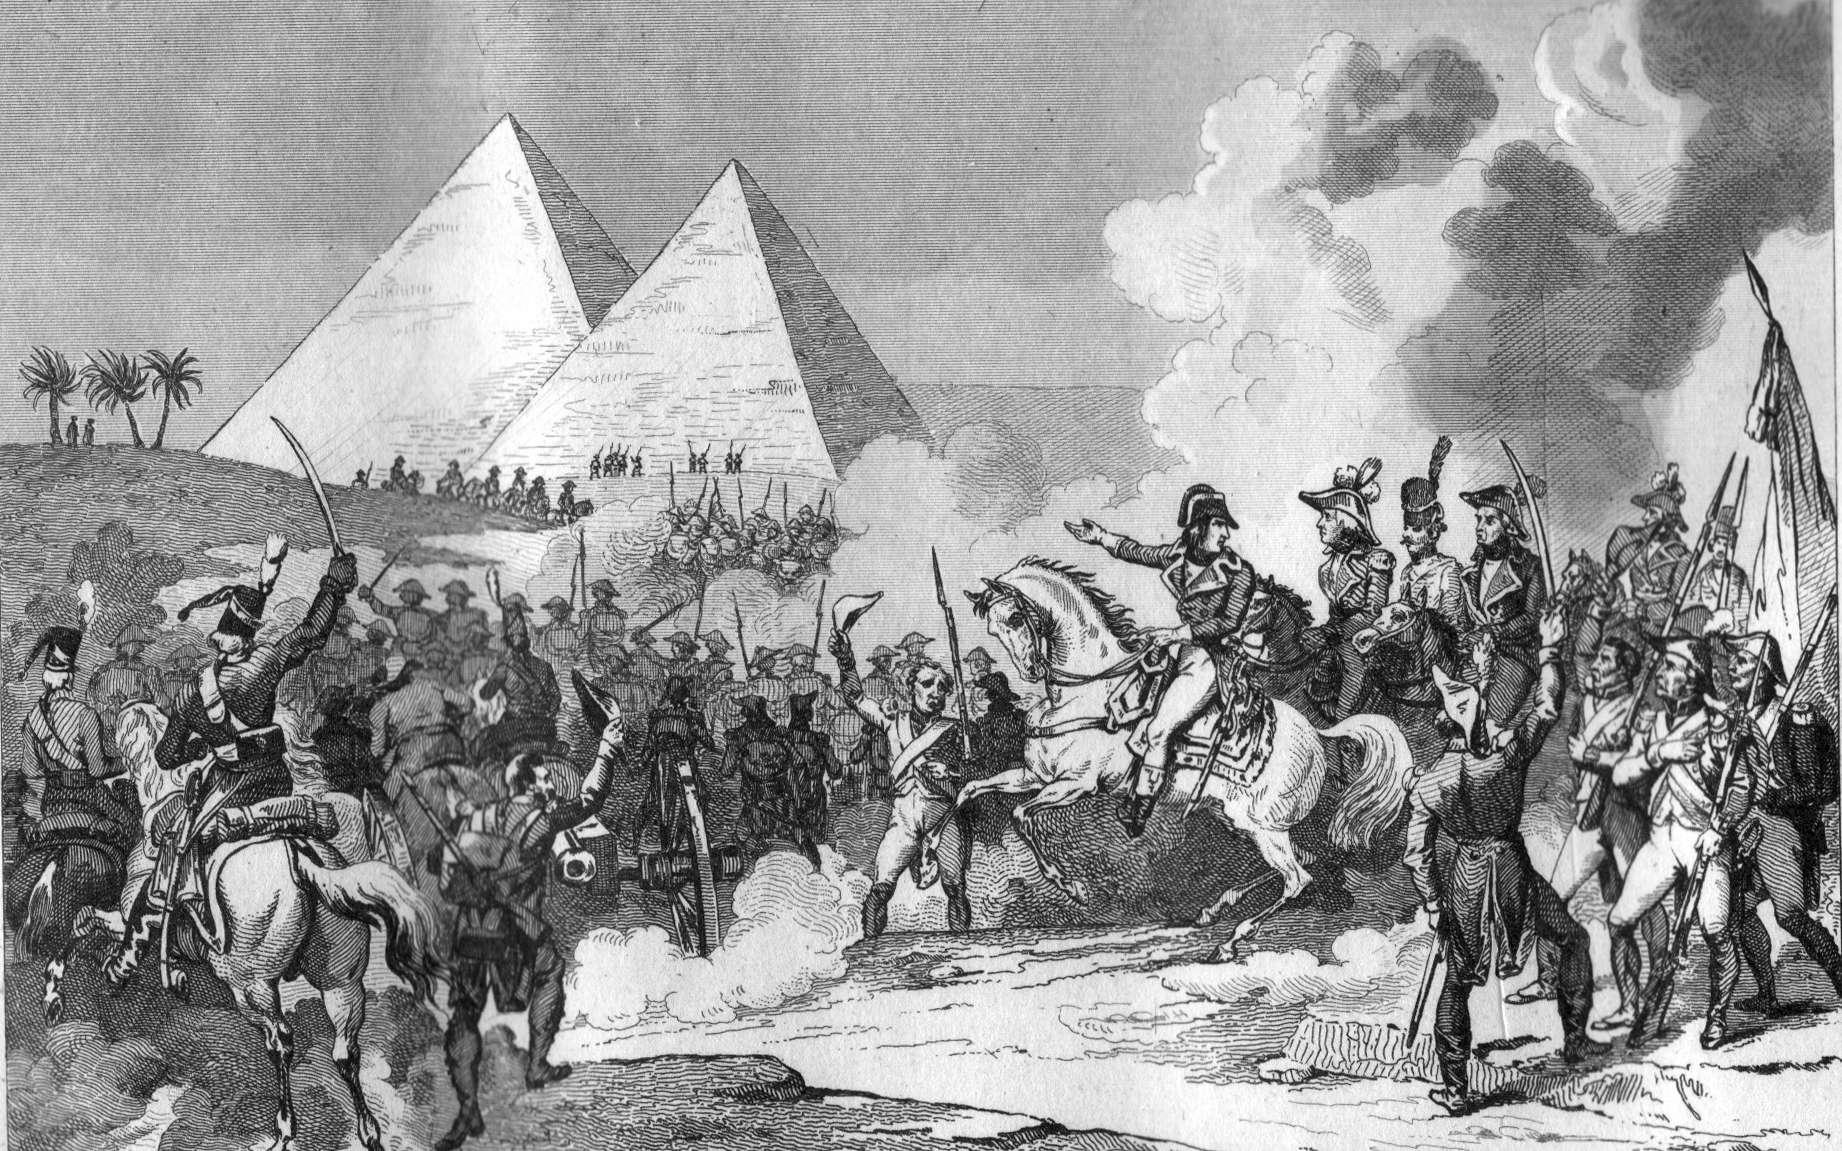 La bataille des Pyramides a été la plus grande victoire de Napoléon Bonaparte lors de la campagne d'Égypte. ©Wikimedia Commons, DP